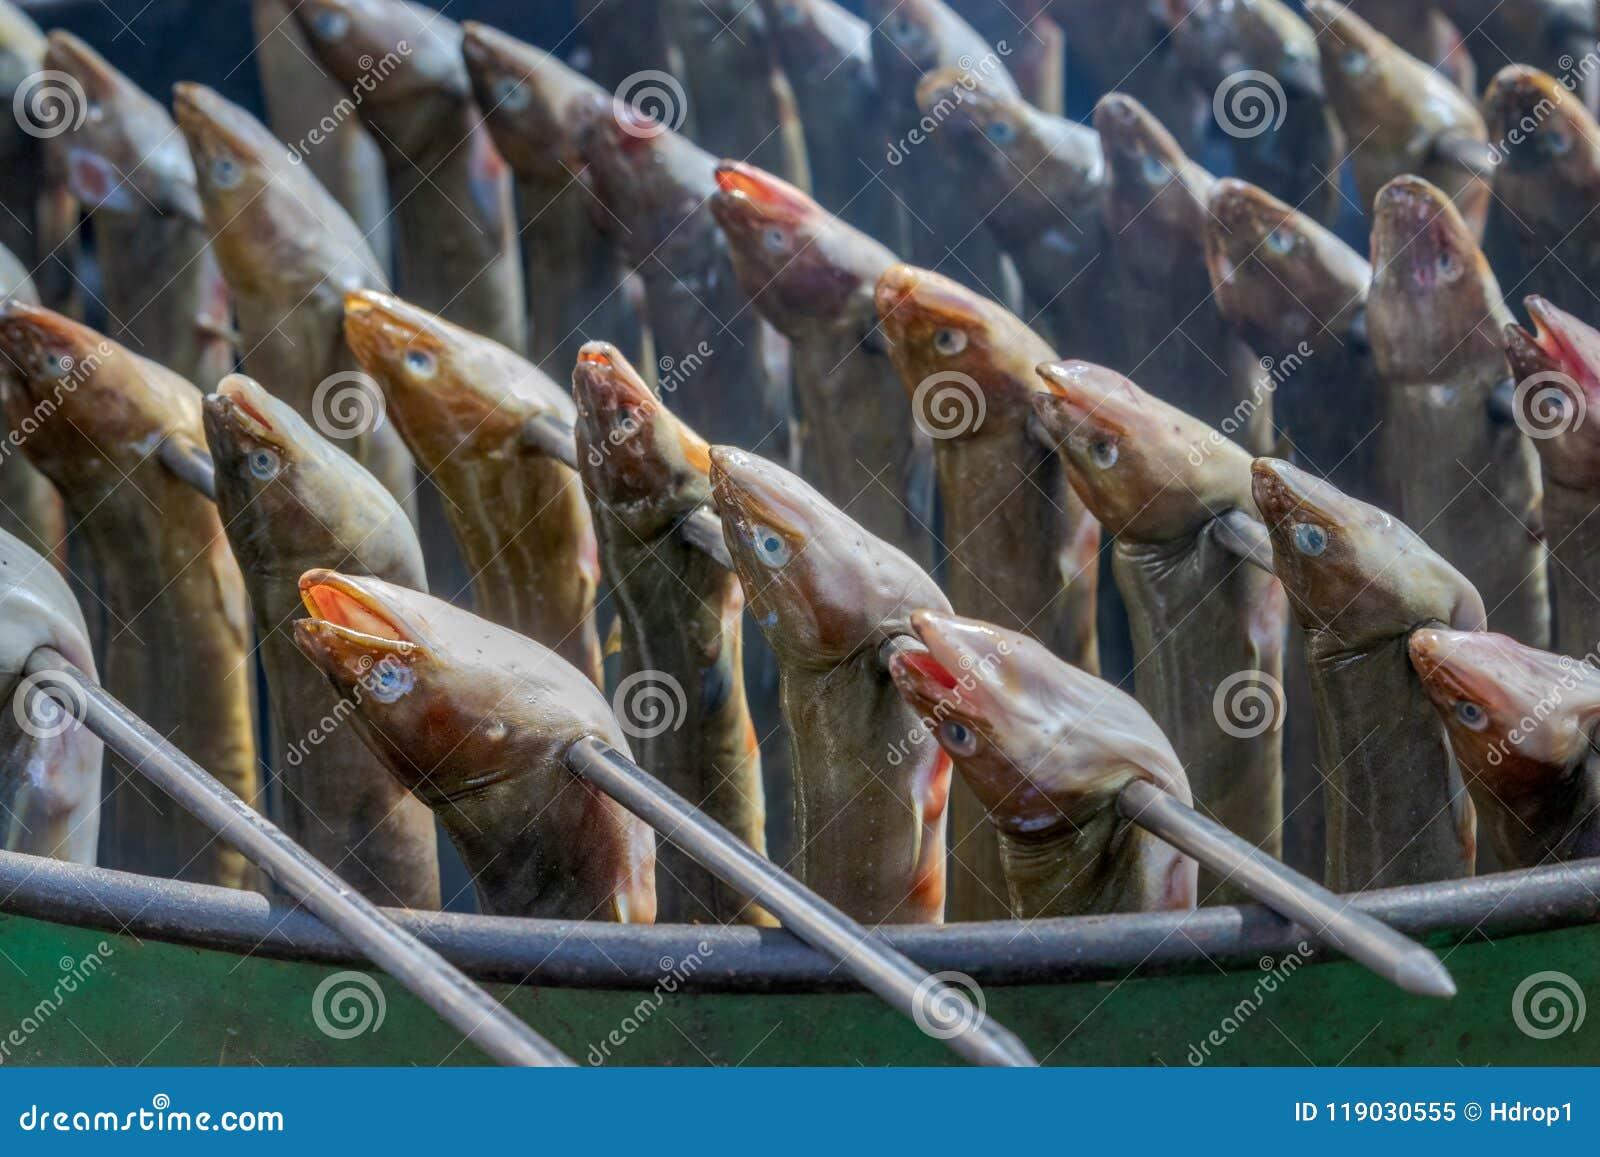 Anguilas ahumadas holandesas tradicionales deliciosas en los pinchos